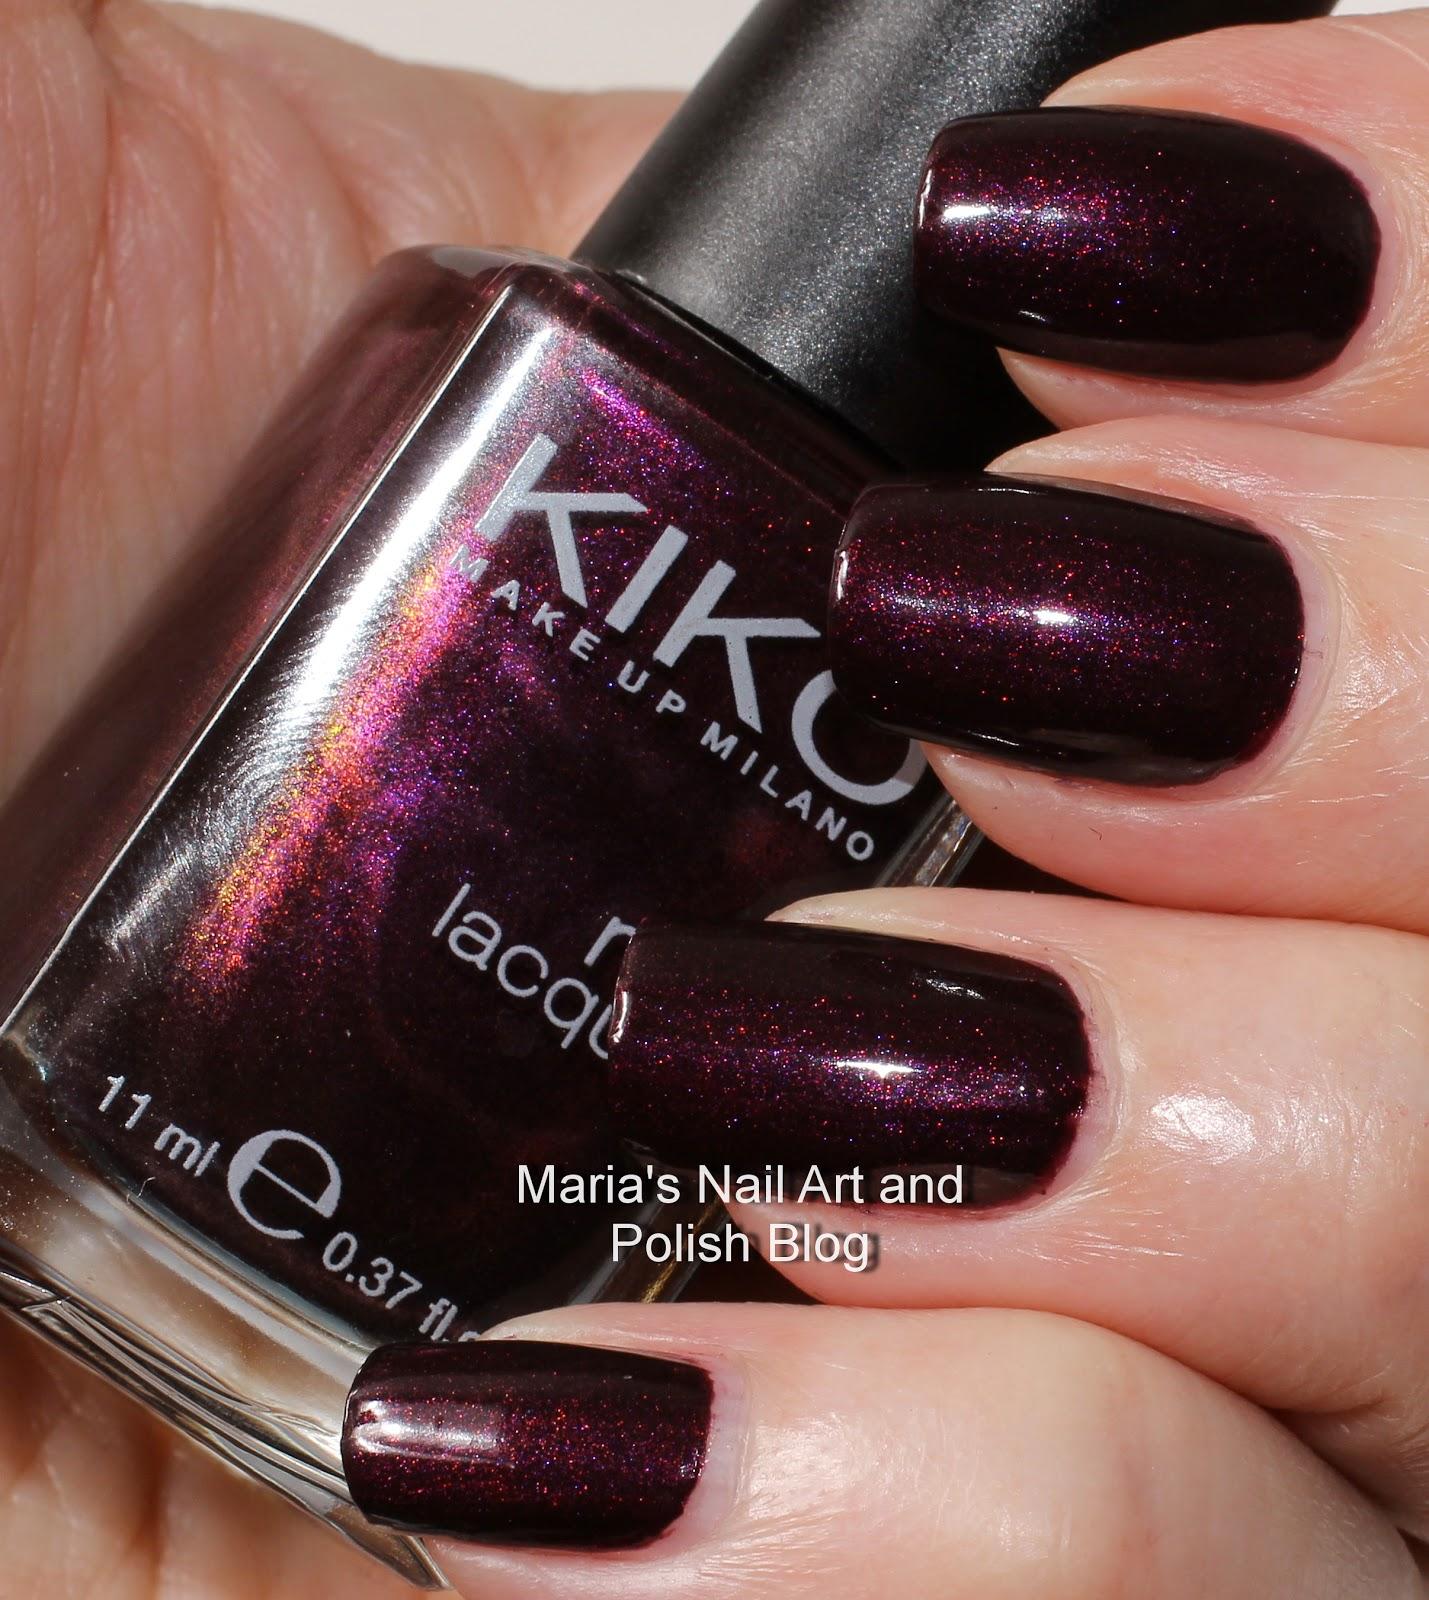 Marias Nail Art and Polish Blog: Kiko 245 Pearly Dark Ruby swatches